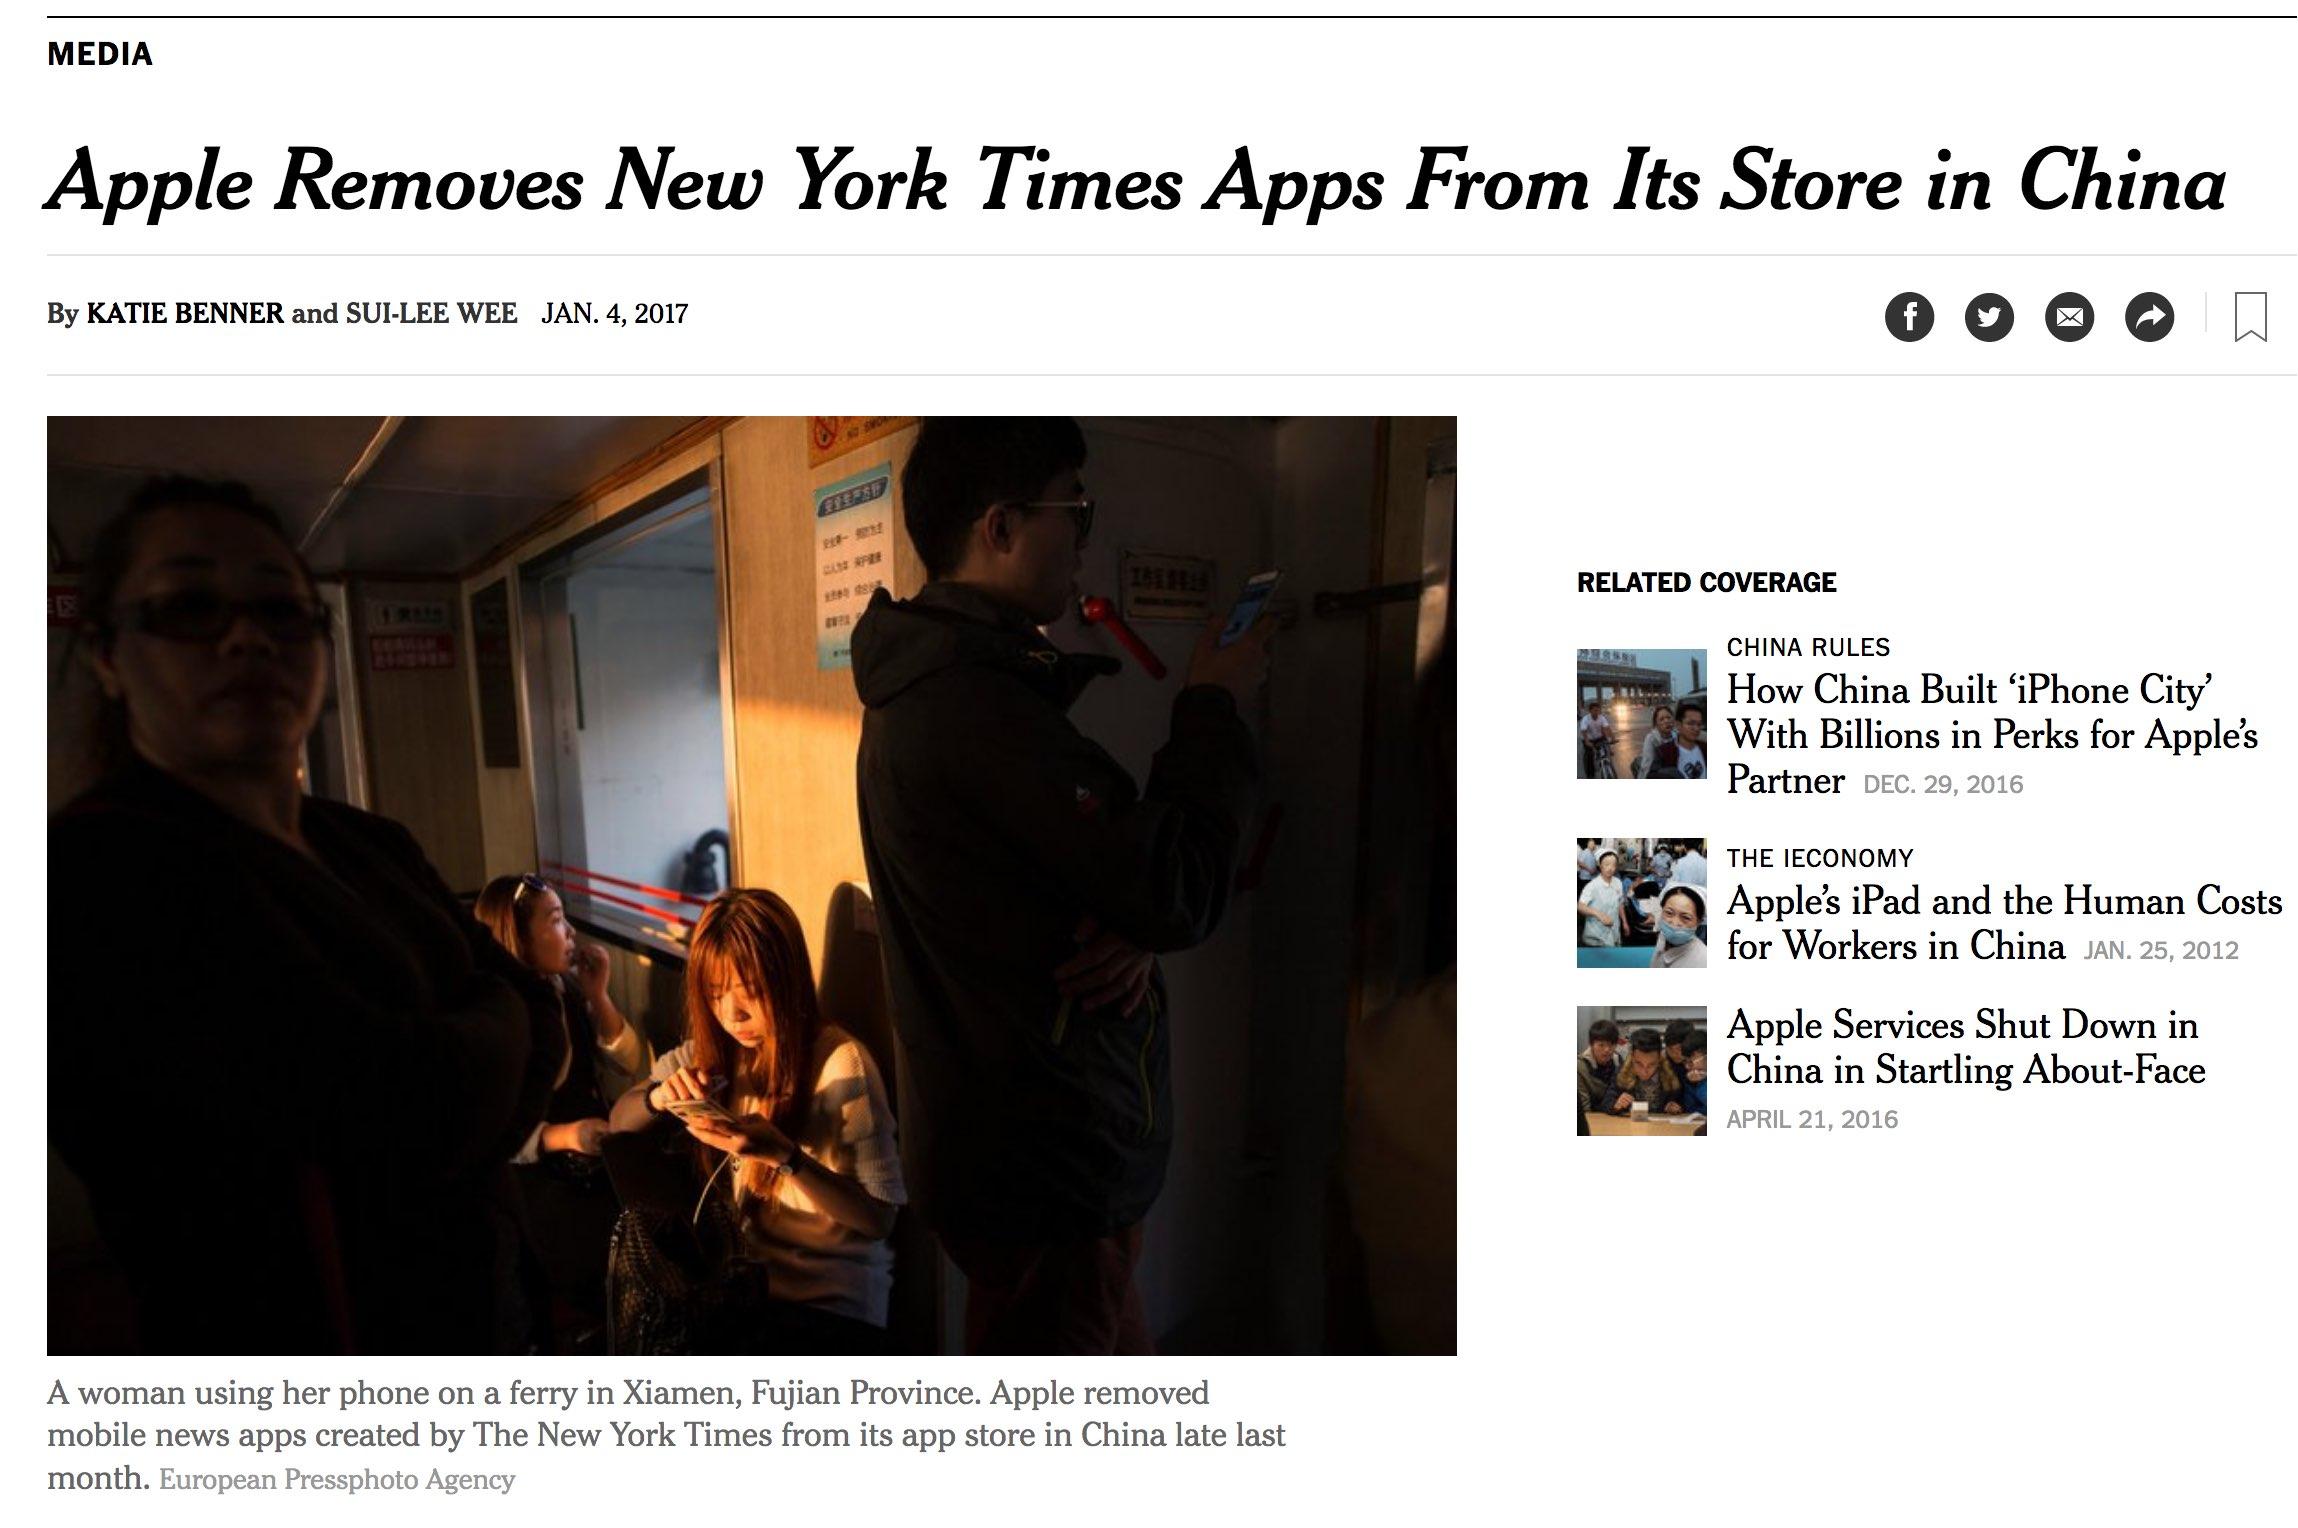 纽约时报|苹果应用商店下架纽约时报APP